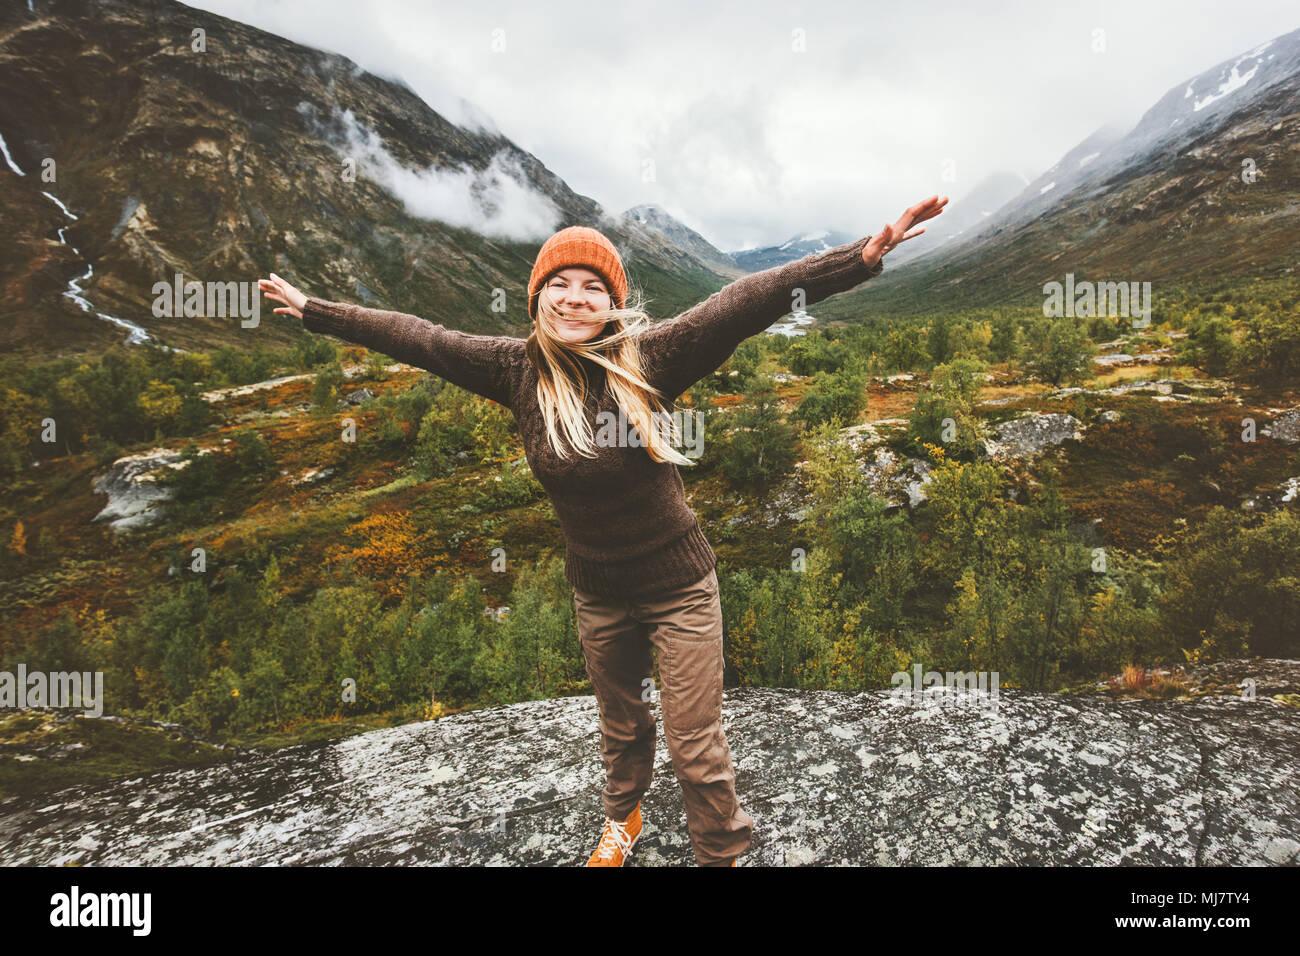 Glückliche Frau erhobenen Hände wandern in Wald Berge reisen Abenteuer lifestyle Konzept genießen Sie aktive Ferien in Norwegen Stockbild